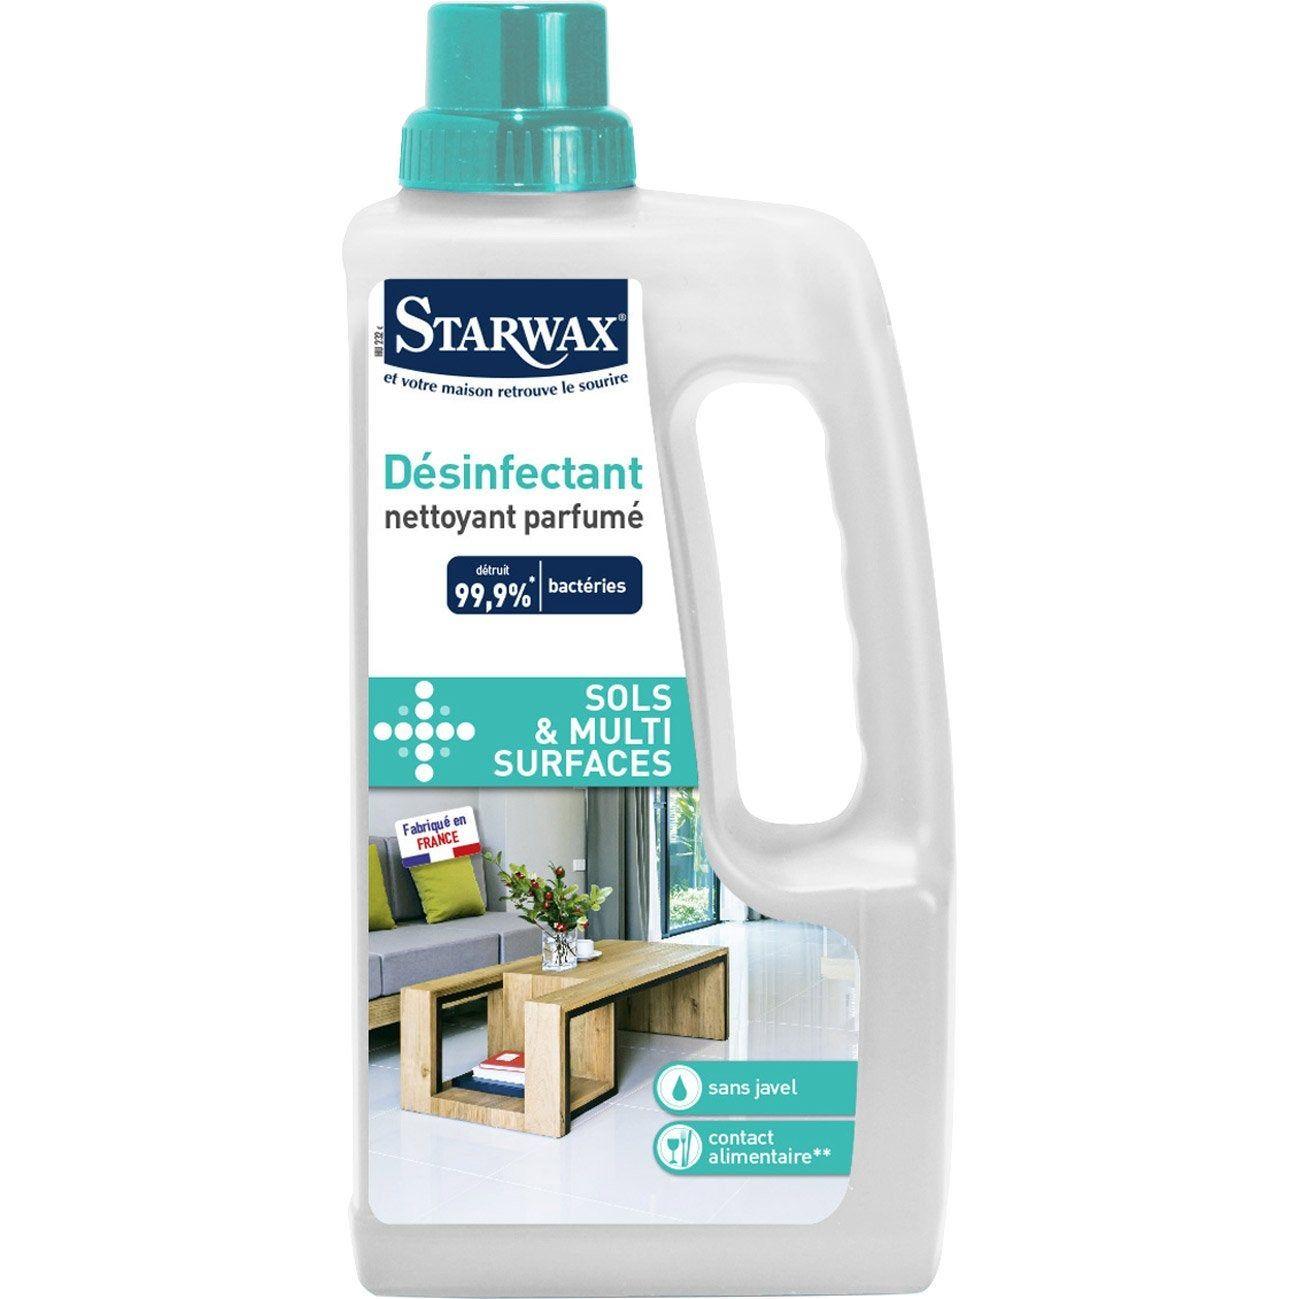 Nettoyant Désinfectant Parfumé Starwax 1 L Products En